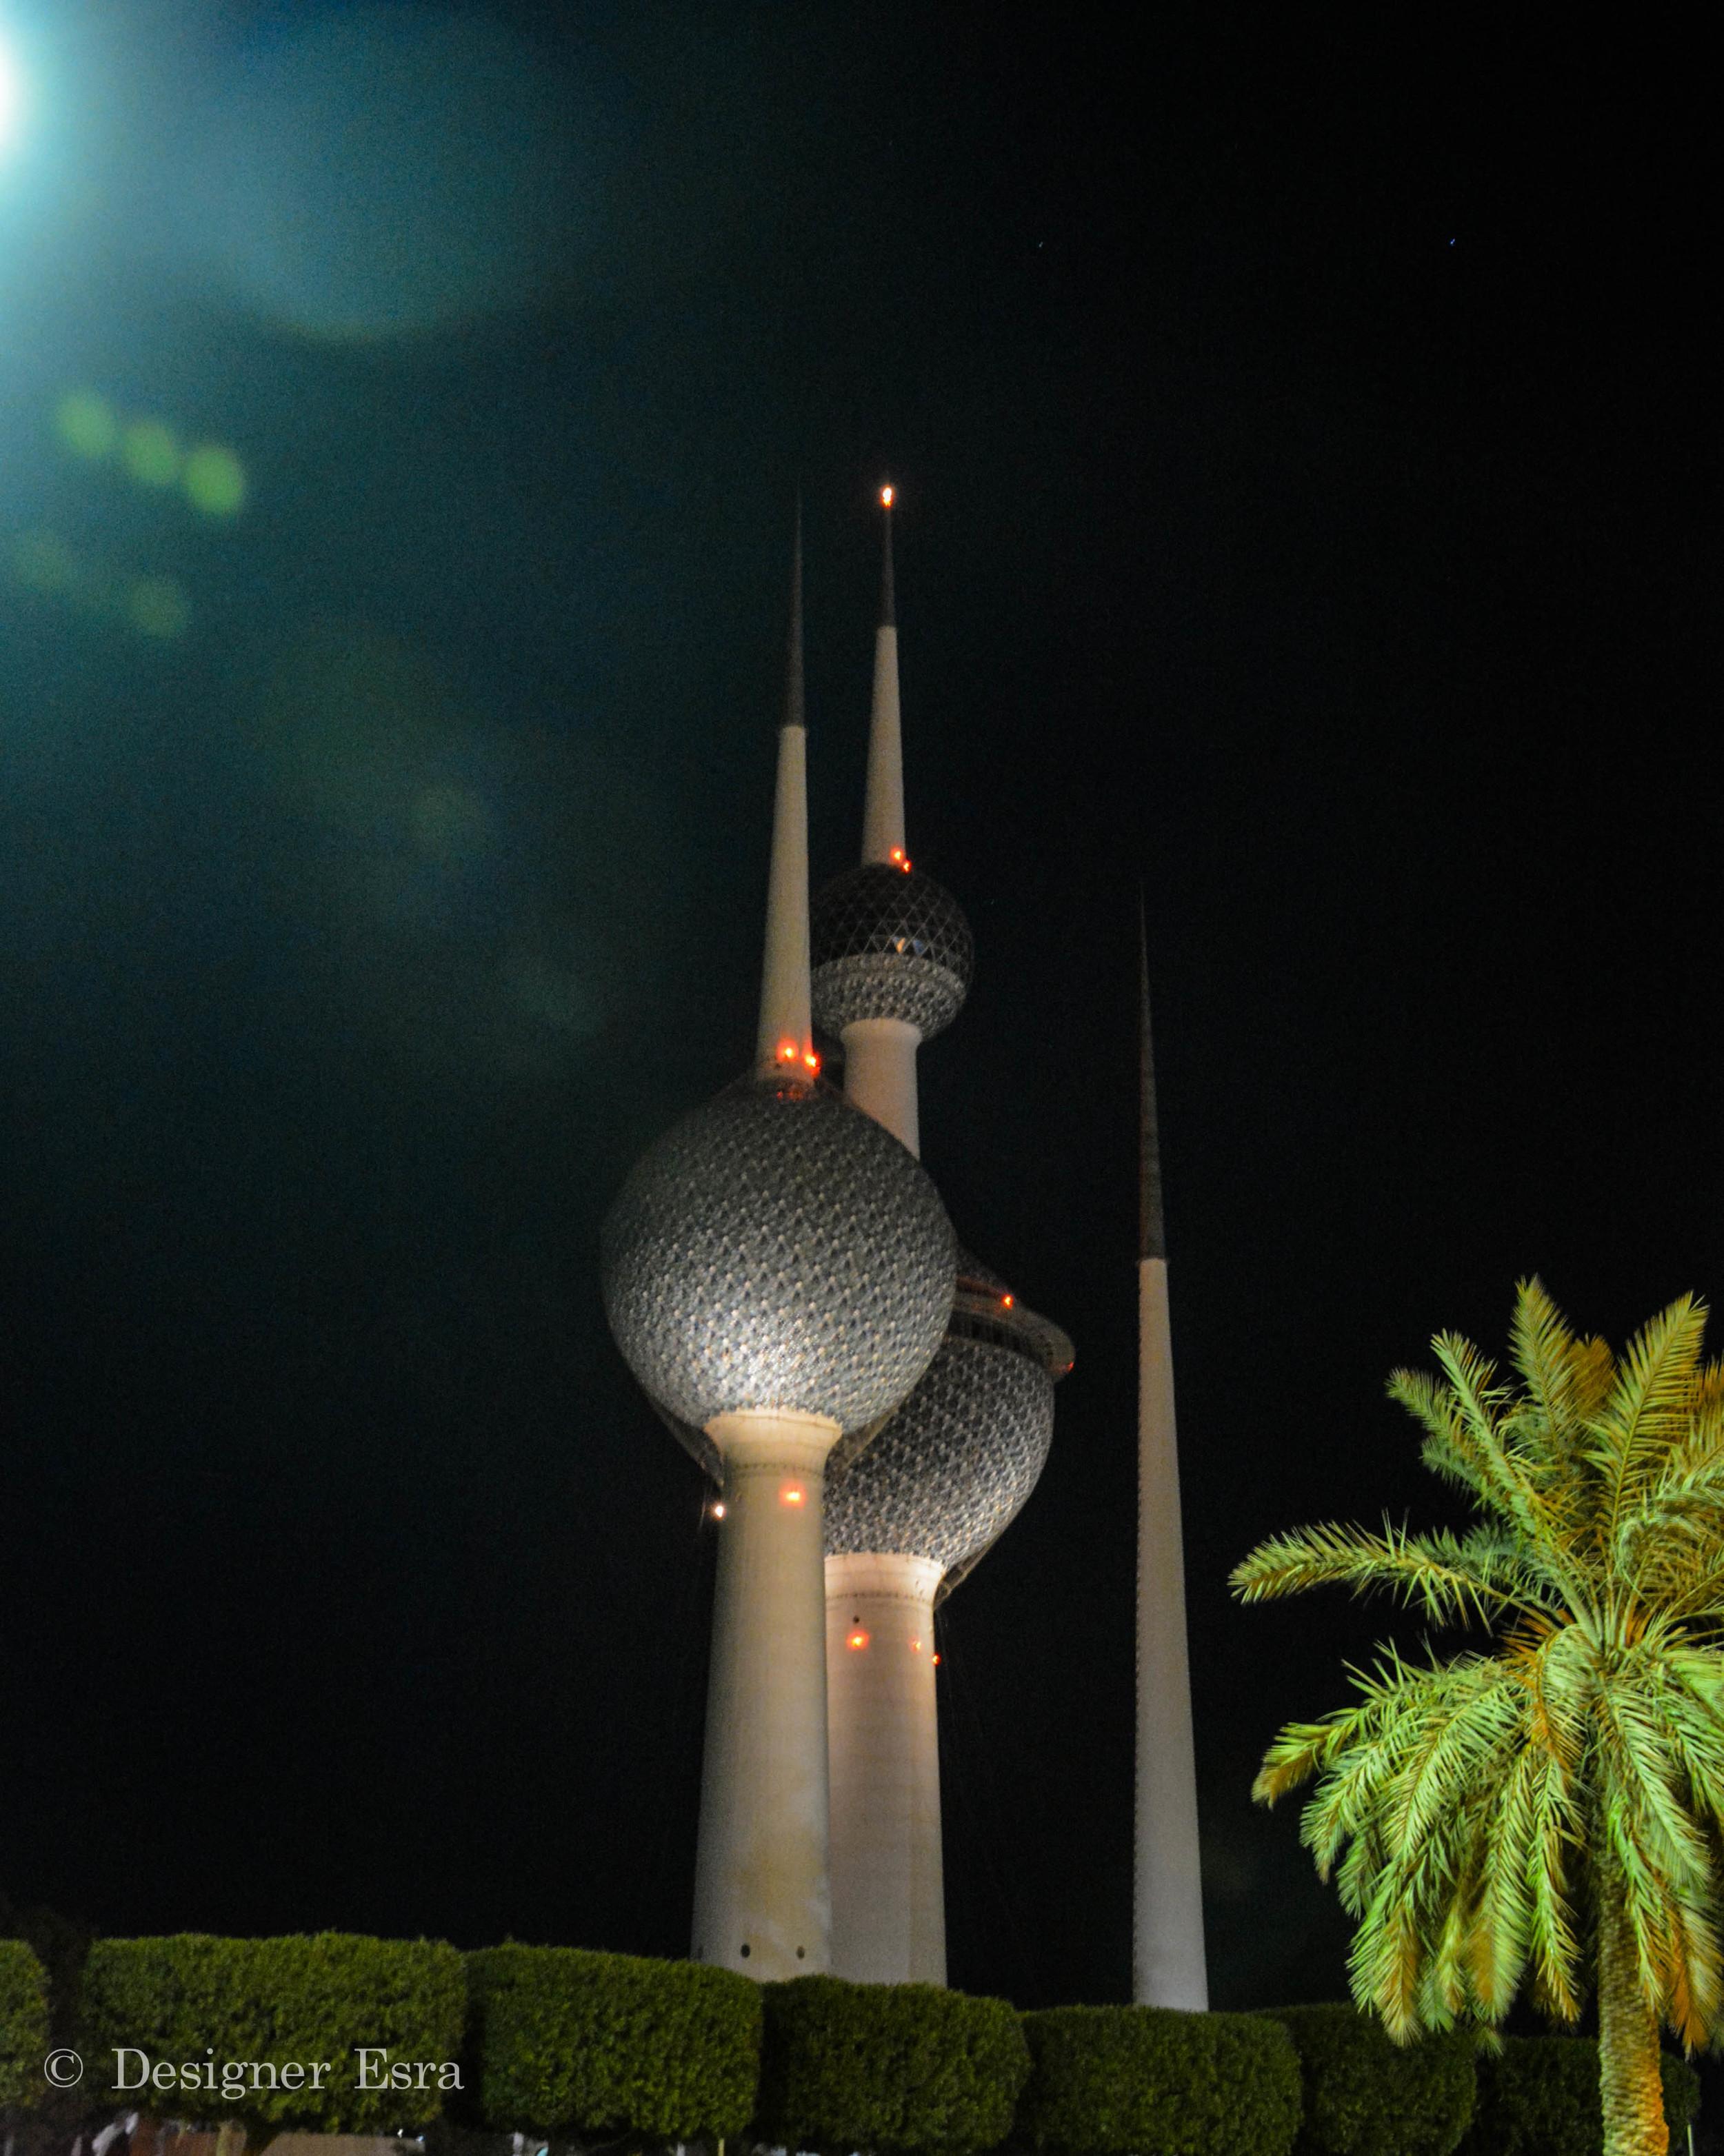 Kuwait Towers أبراج الكويت